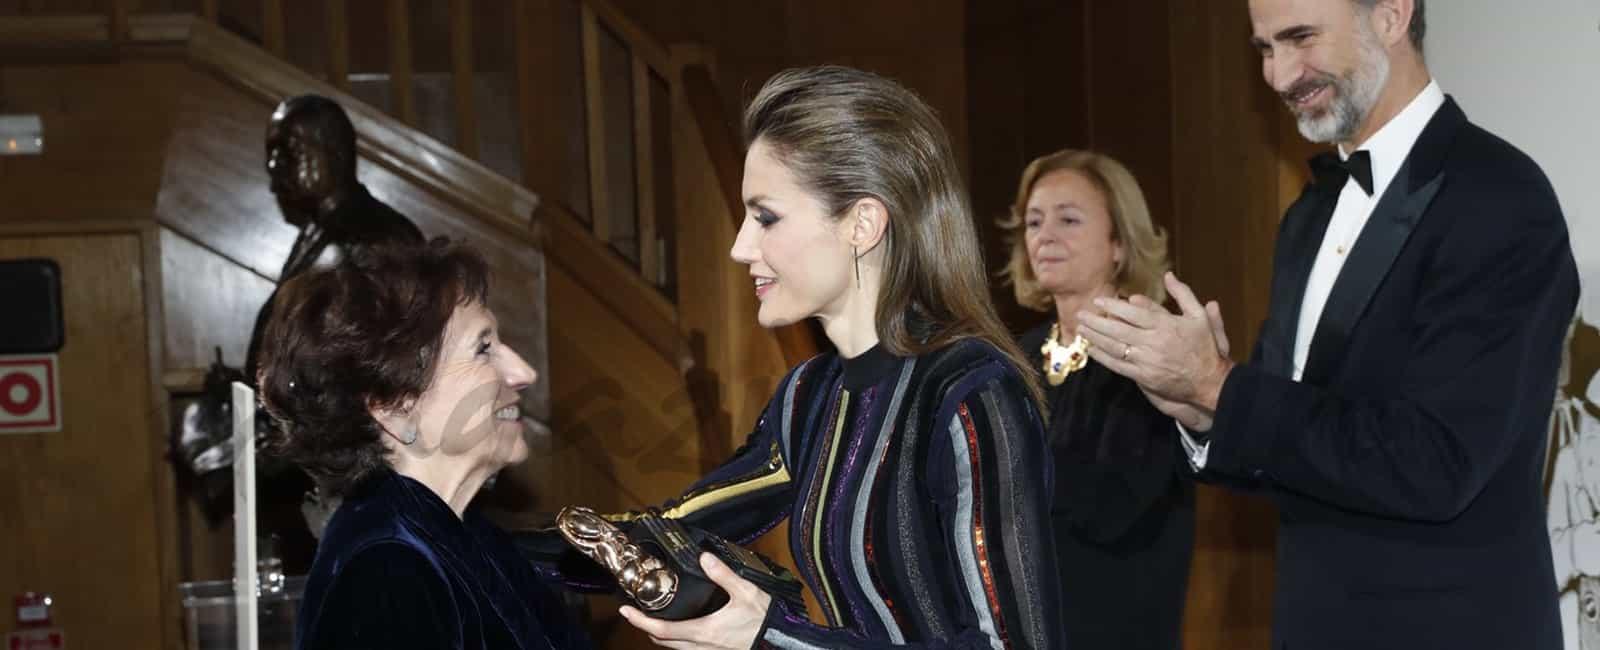 La reina Letizia apuesta por el efecto «semiwet»